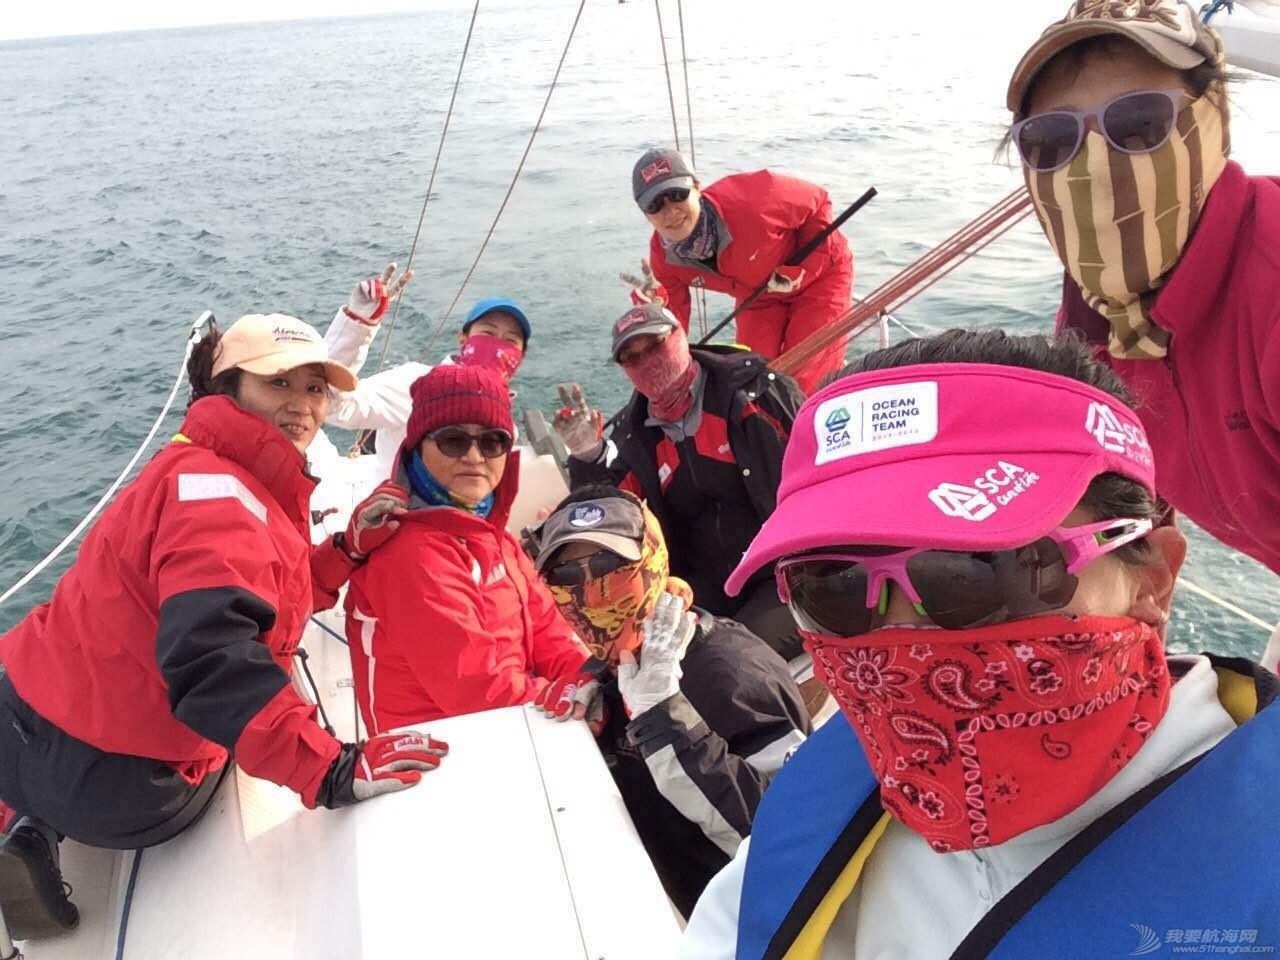 中国女子,退役运动员,联合国,帆船运动,青岛市 中国最牛女子帆船队 IMG_8123.JPG